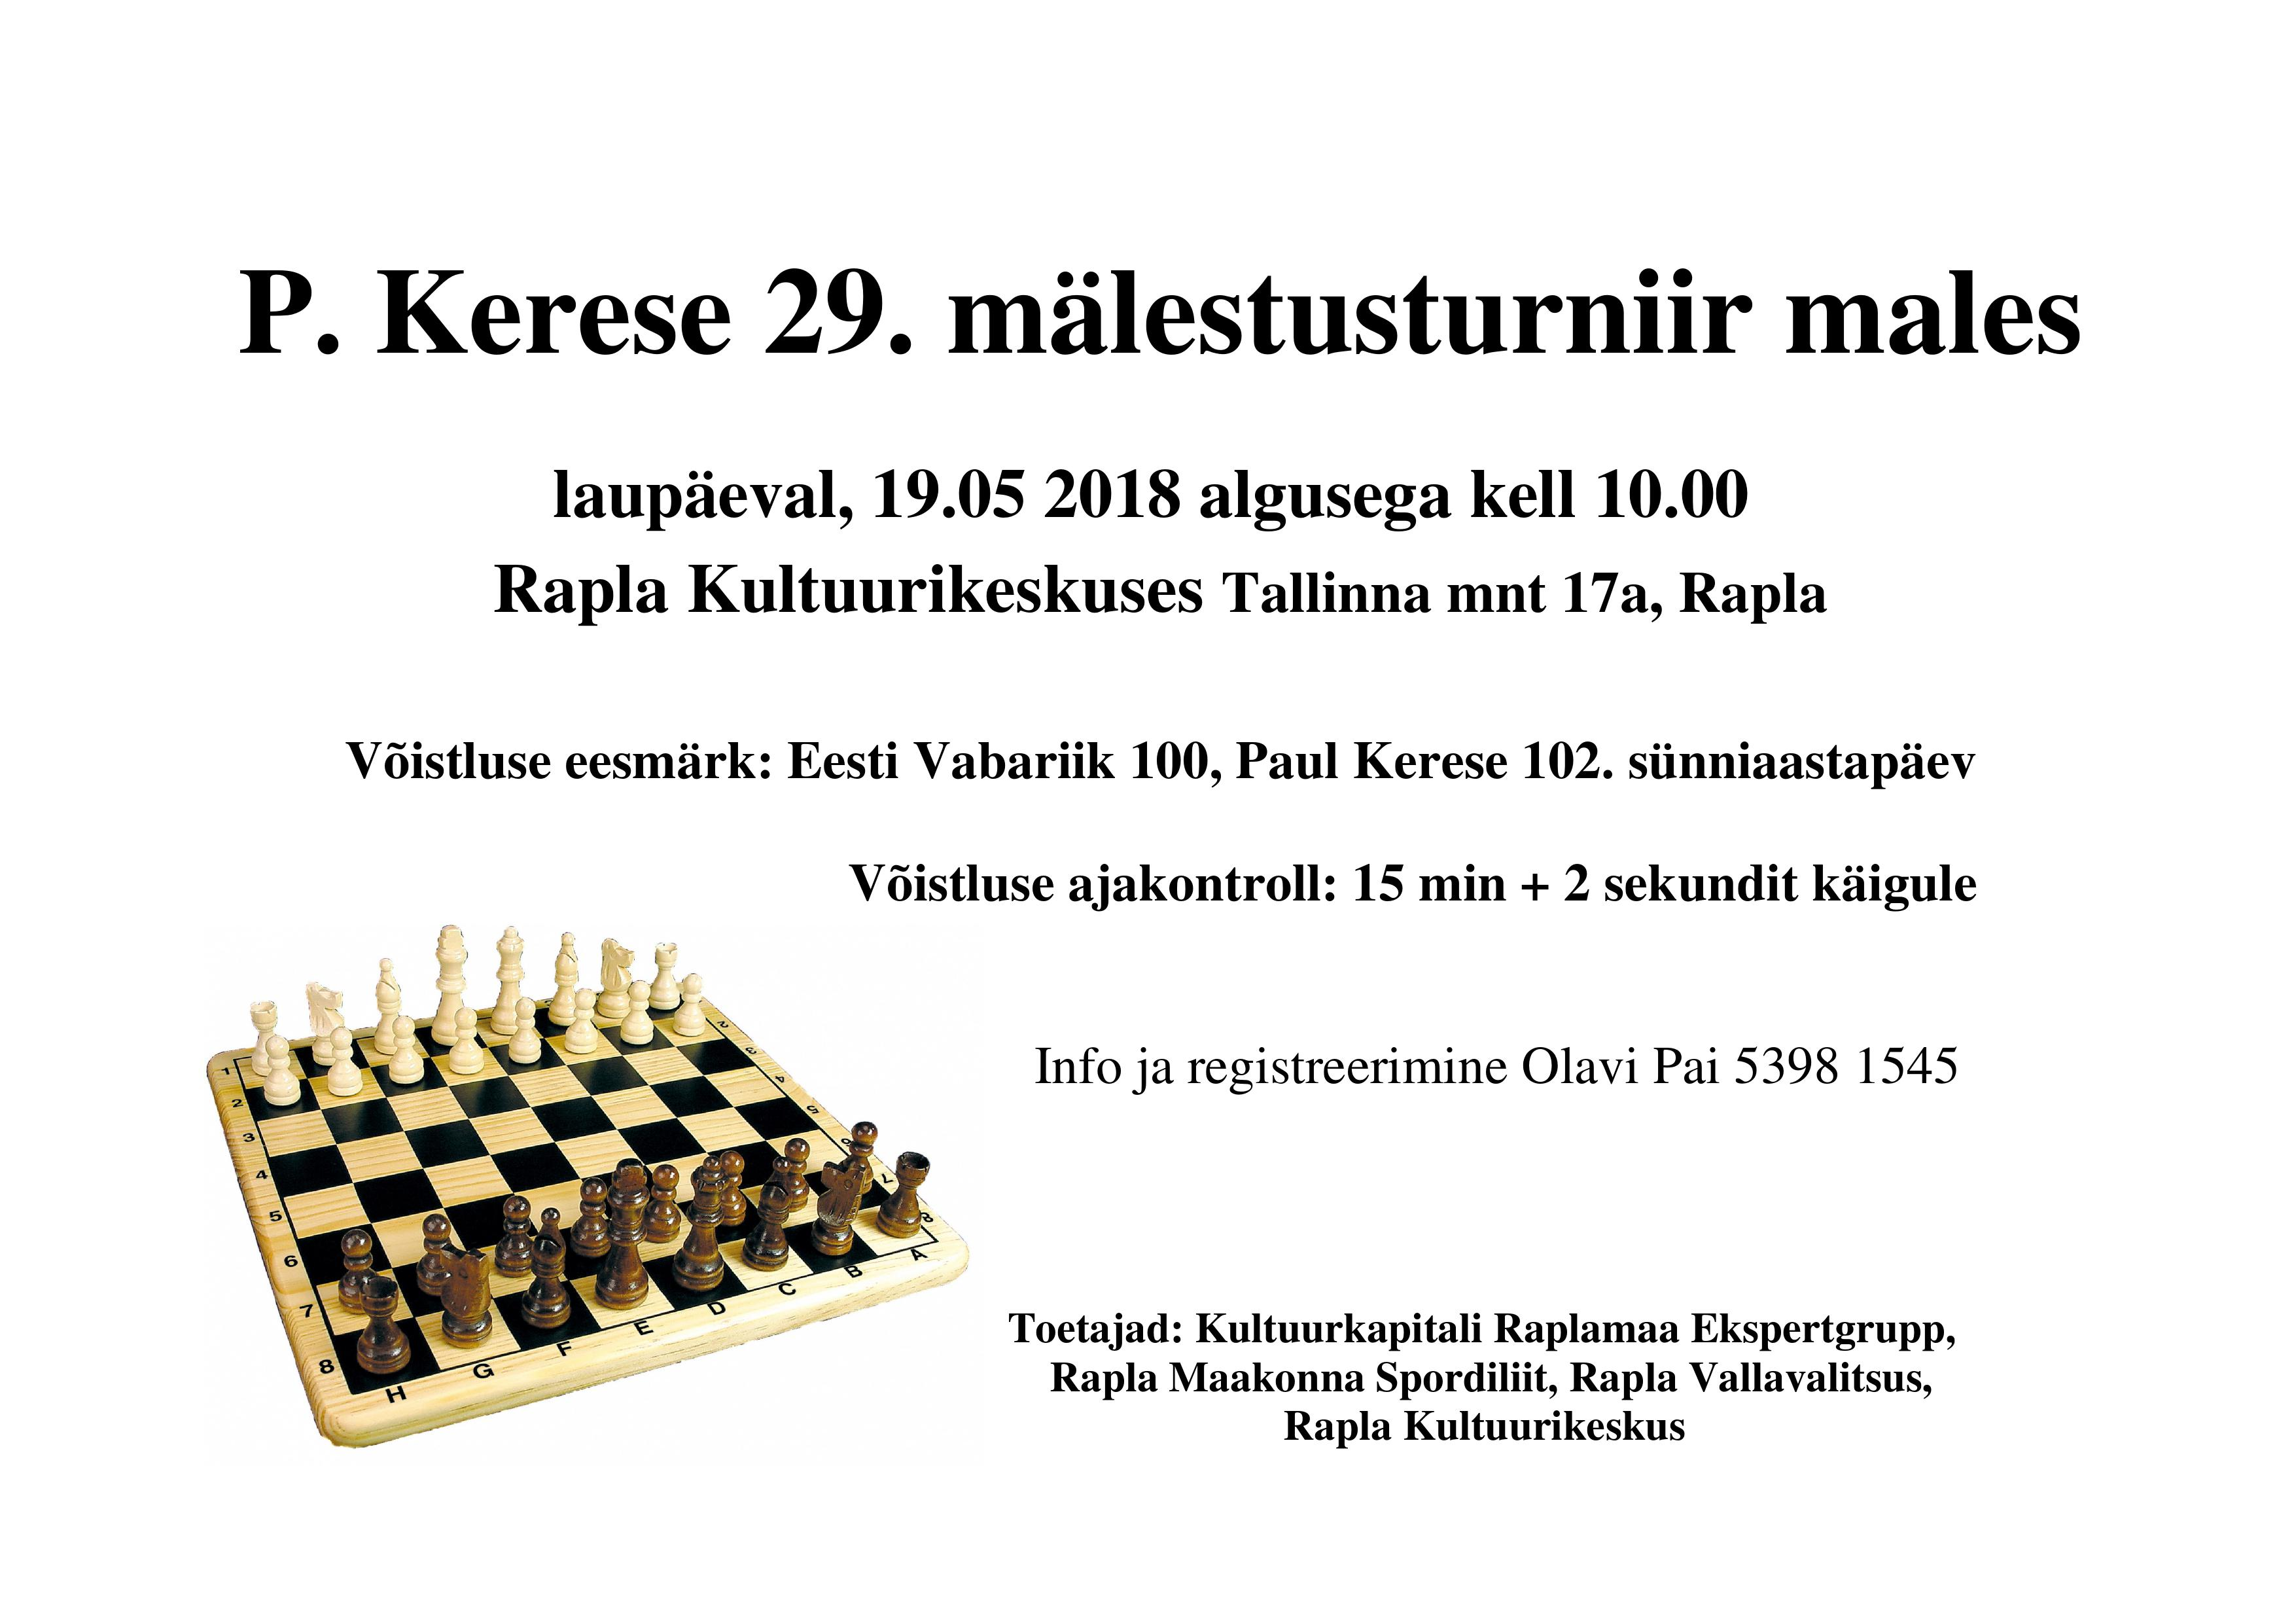 P. Kerese 29. mälestusturniir males